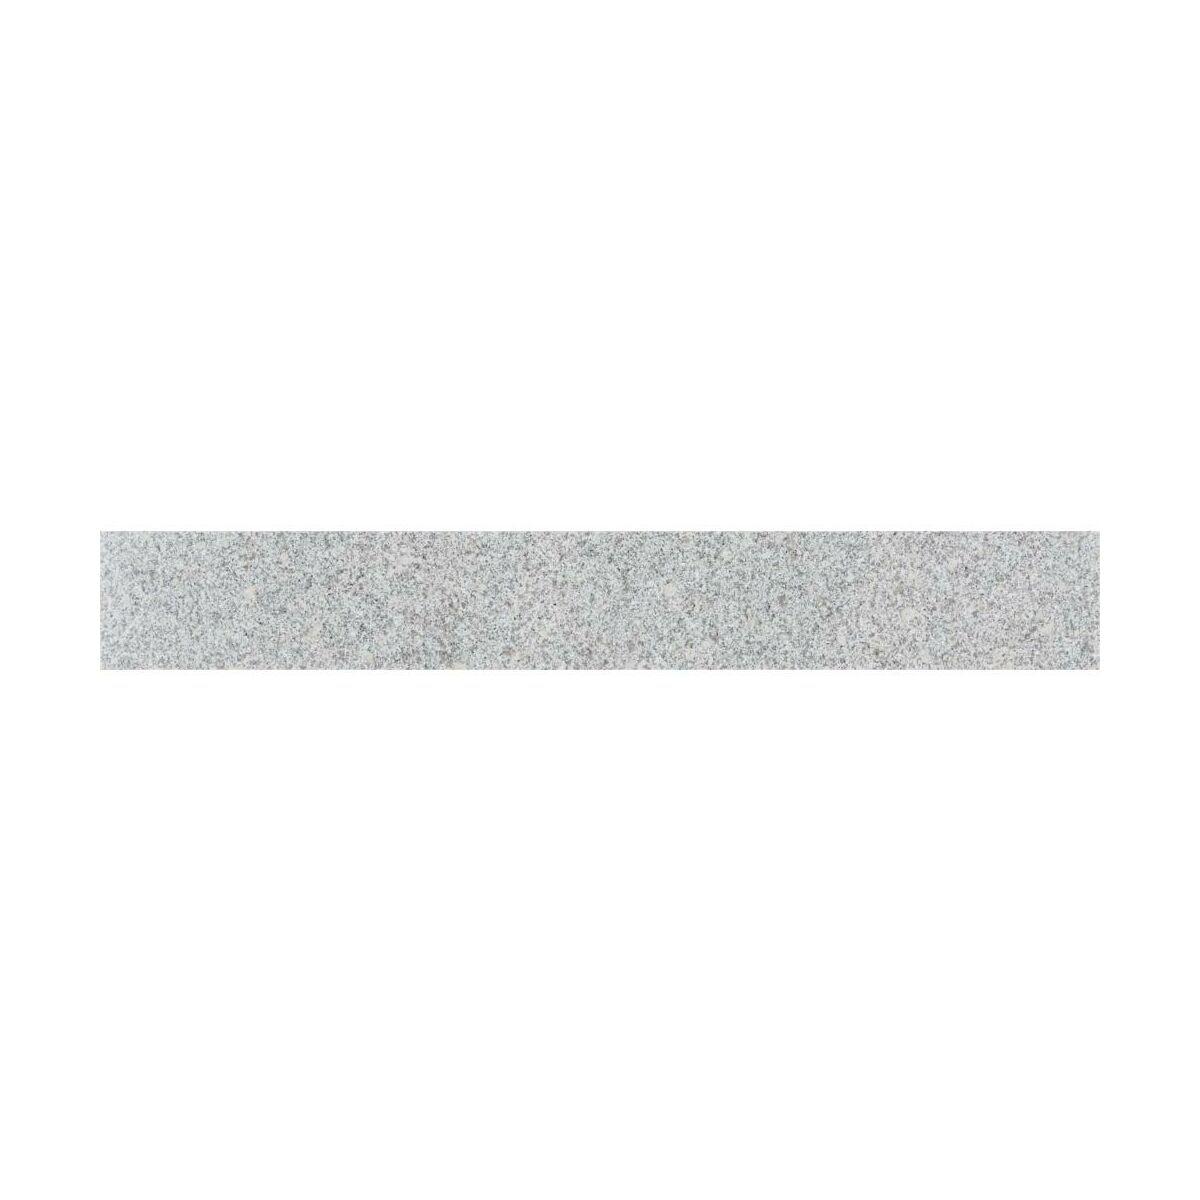 Podstopnica Stone 15x120 Iryda Granit W Atrakcyjnej Cenie W Sklepach Leroy Merlin